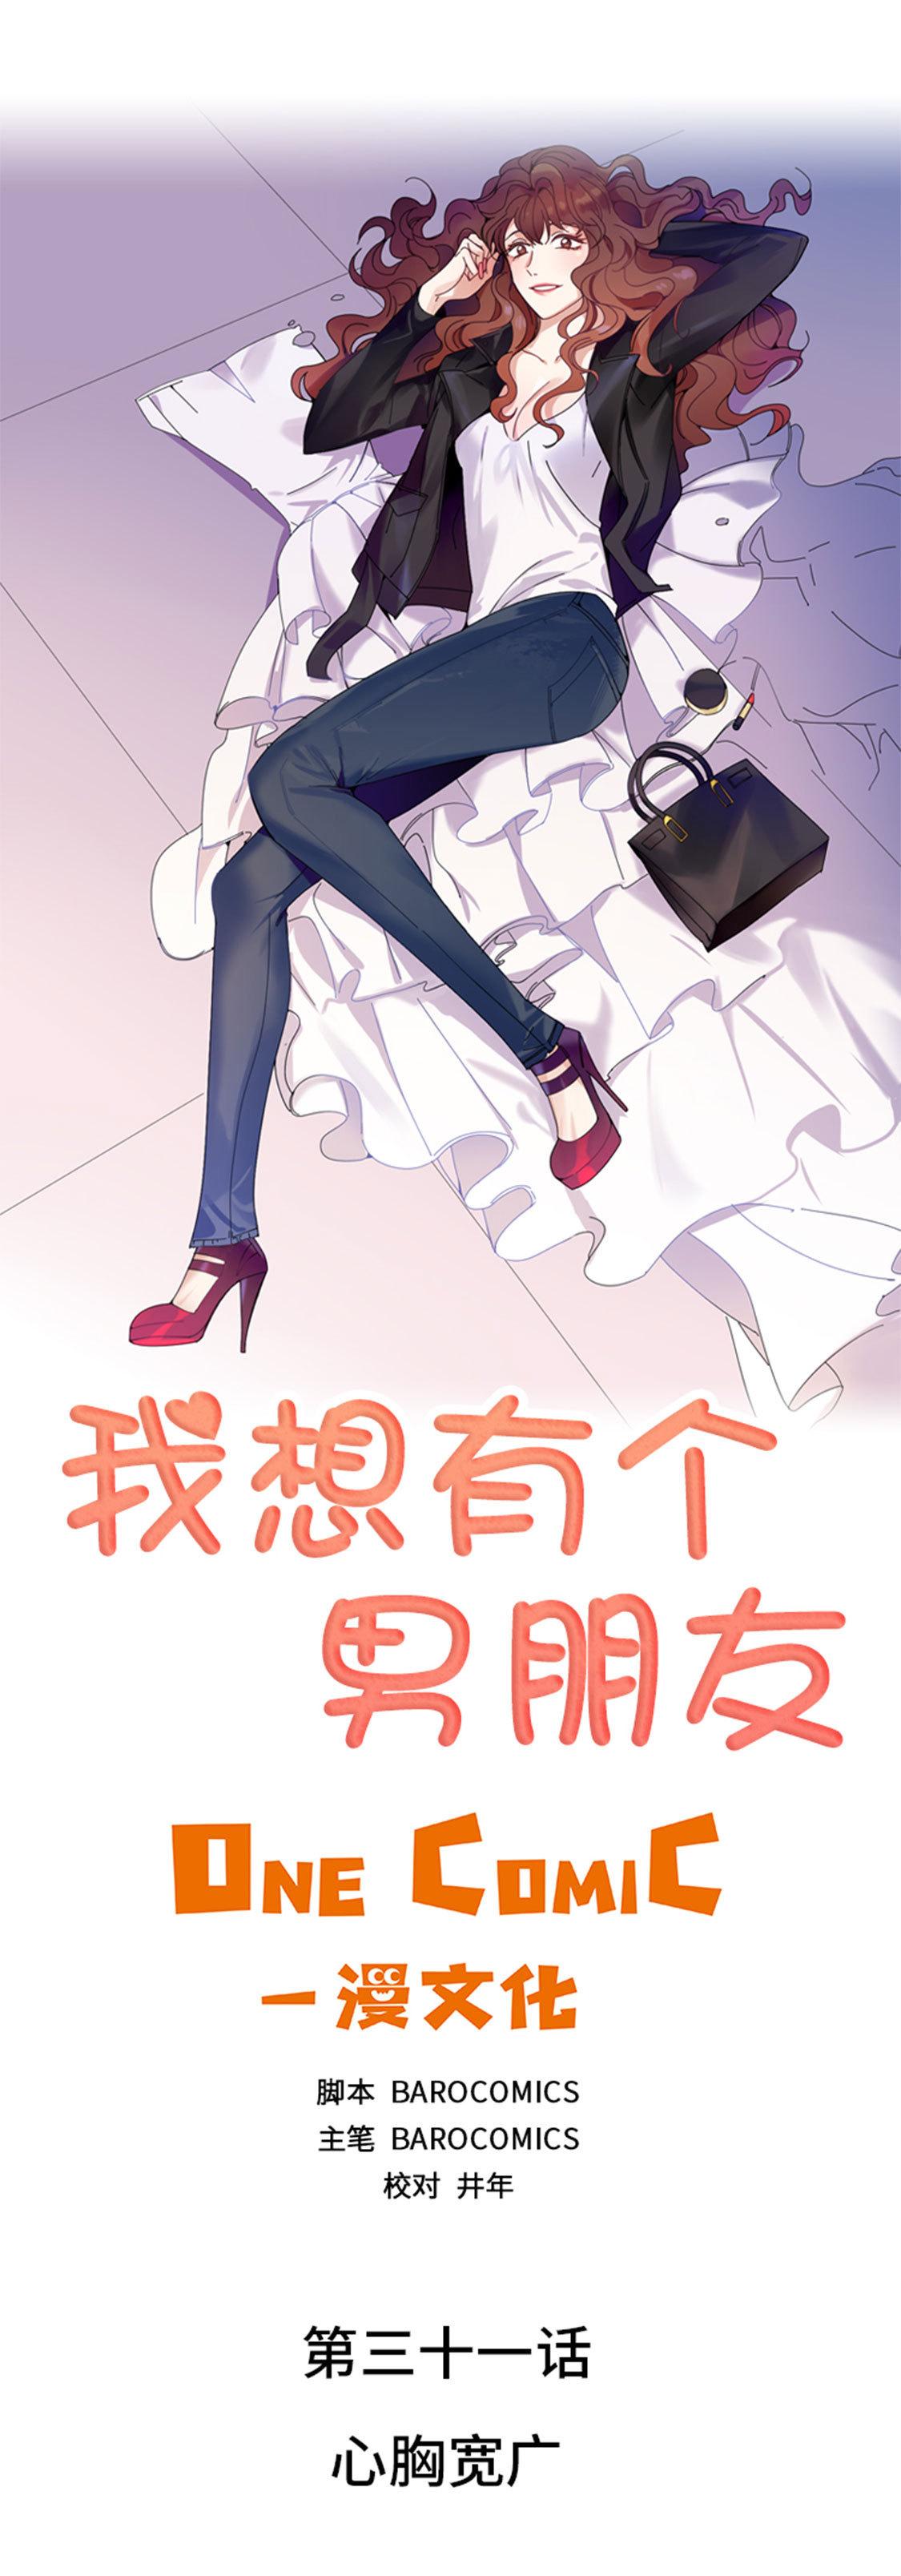 恋爱韩漫:《我想有个男朋友》 第31-33话-天狐阅读